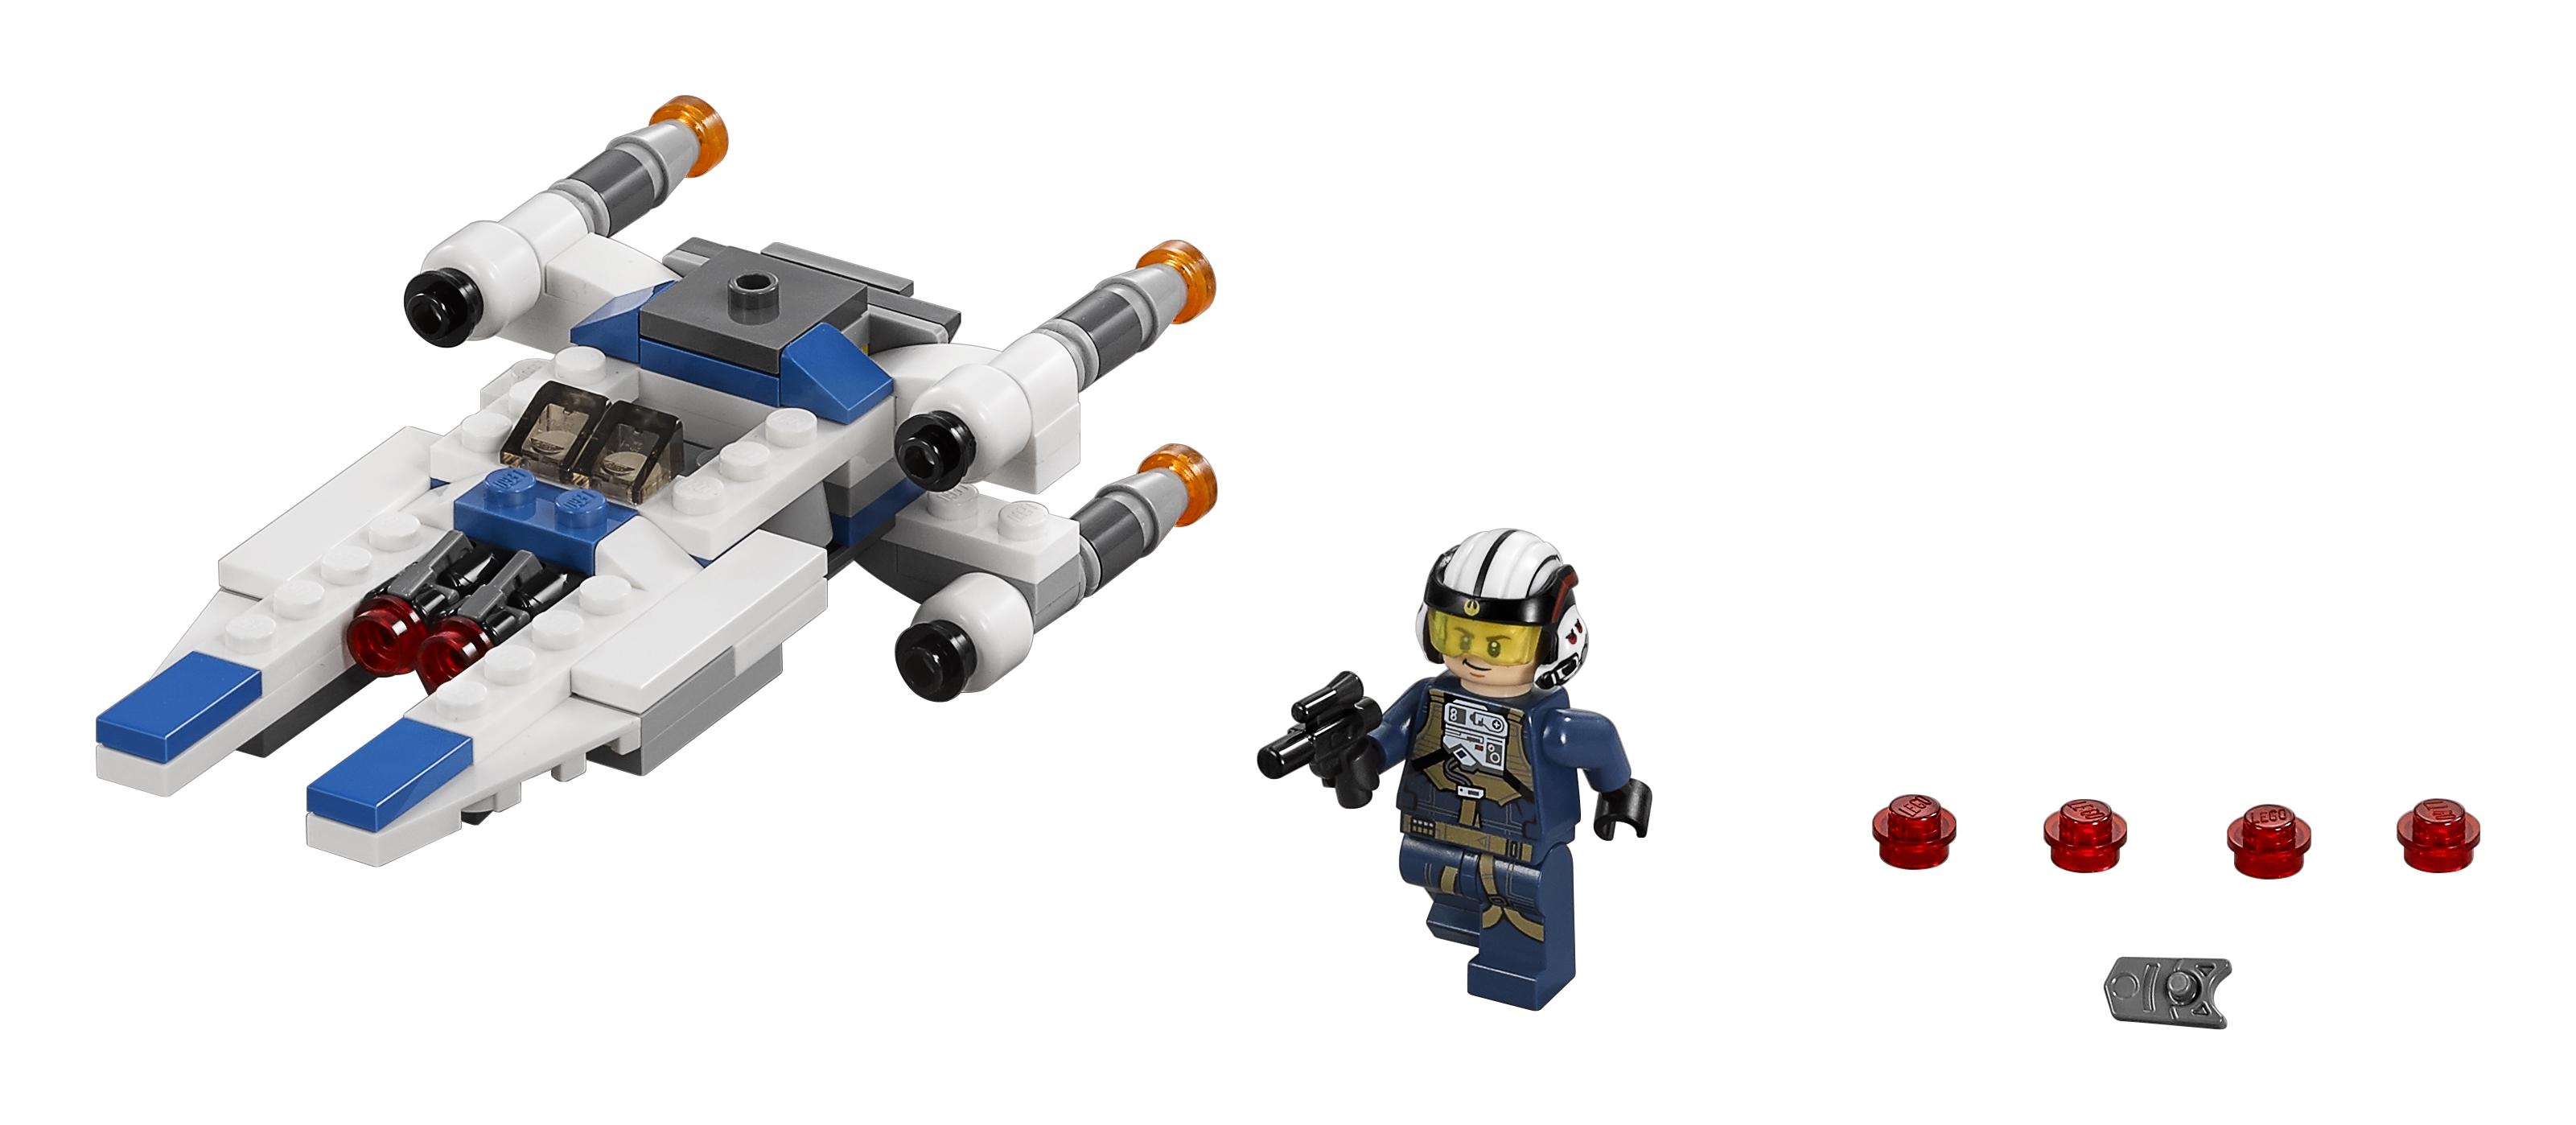 Конструктор LEGO Star Wars 75160 Микроистребитель типа U